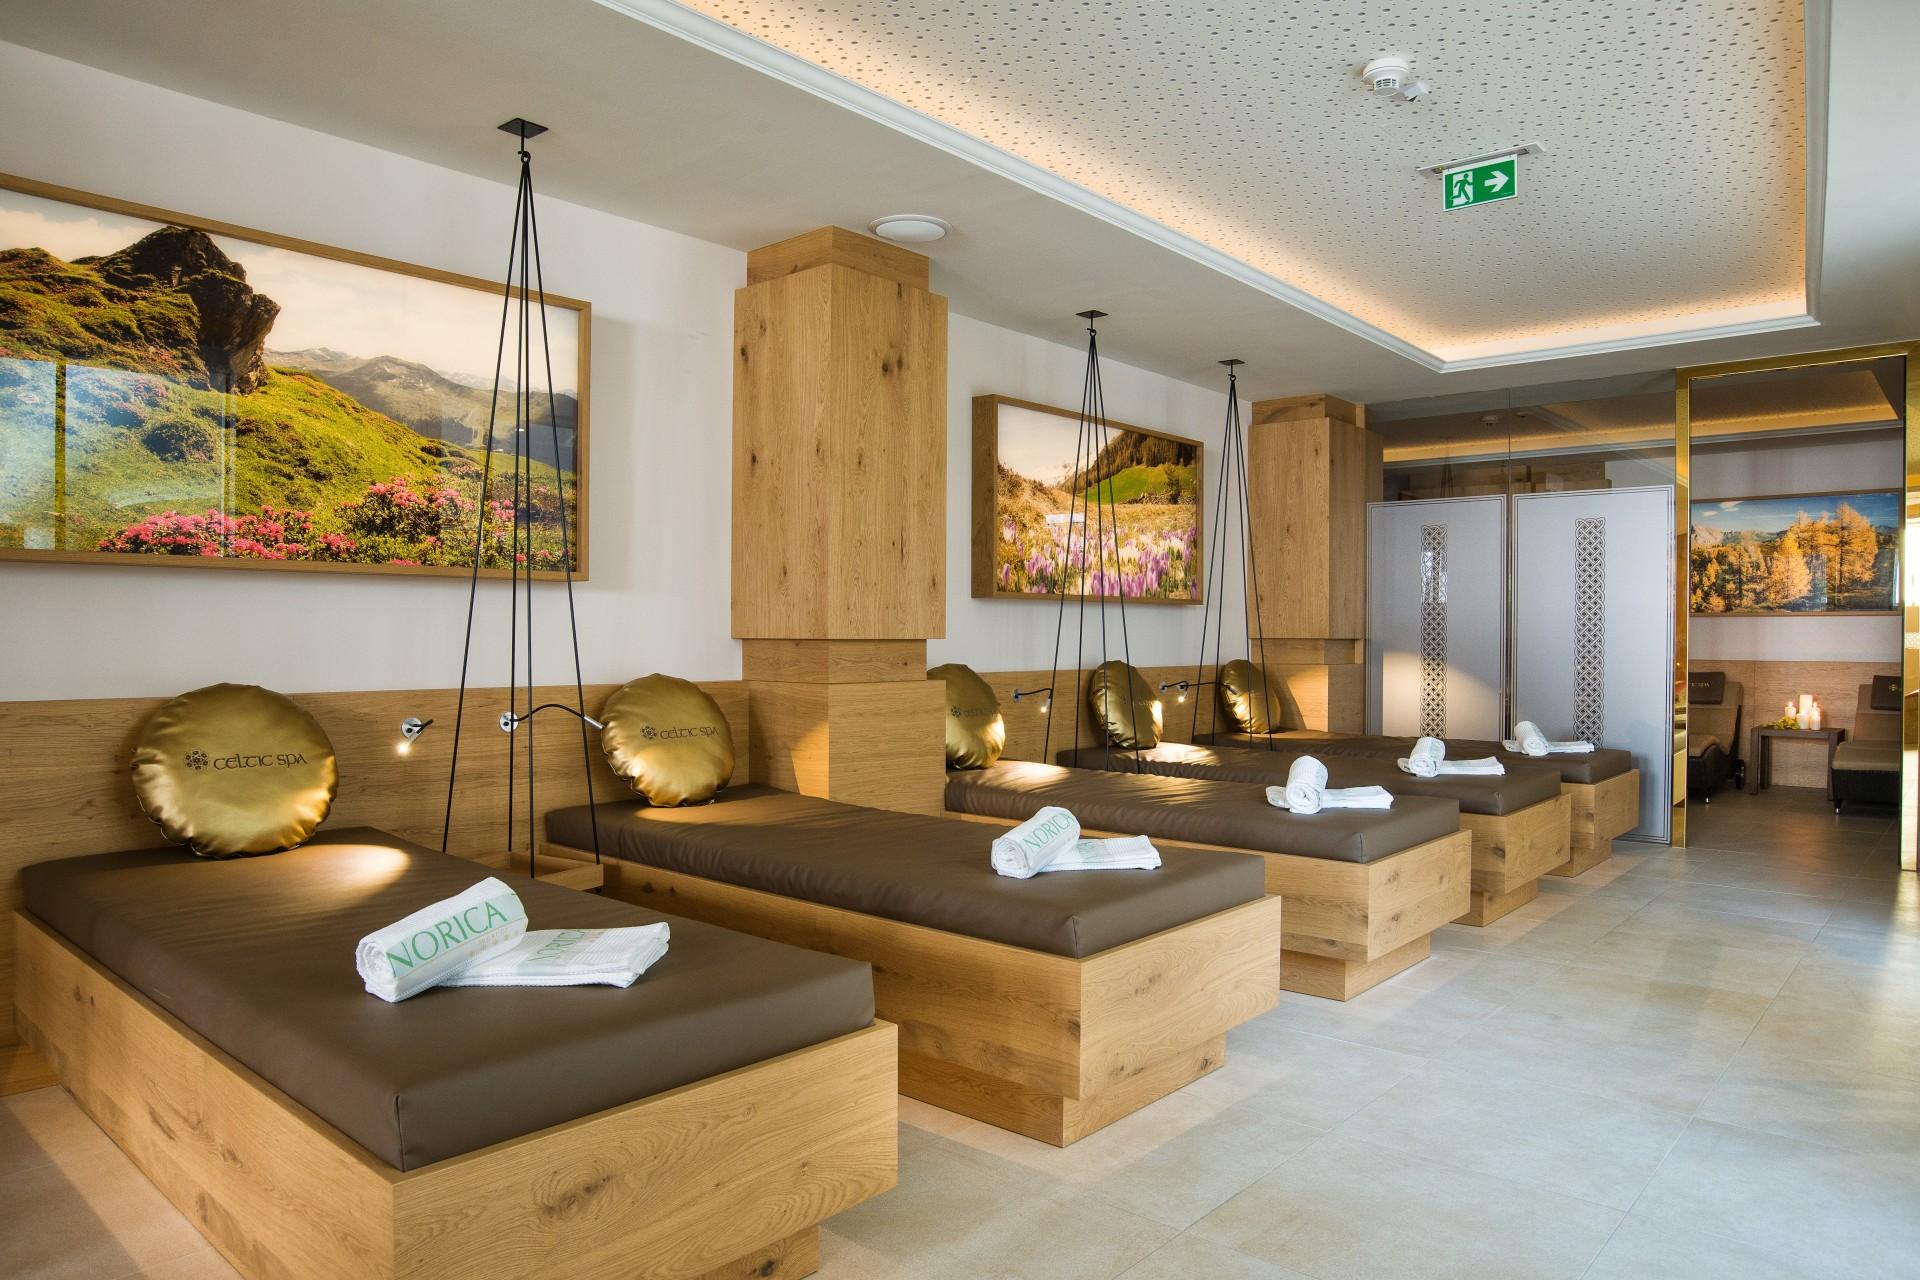 Hotel Norica Bad Hofgastein 4 Stars Superior In Gastein